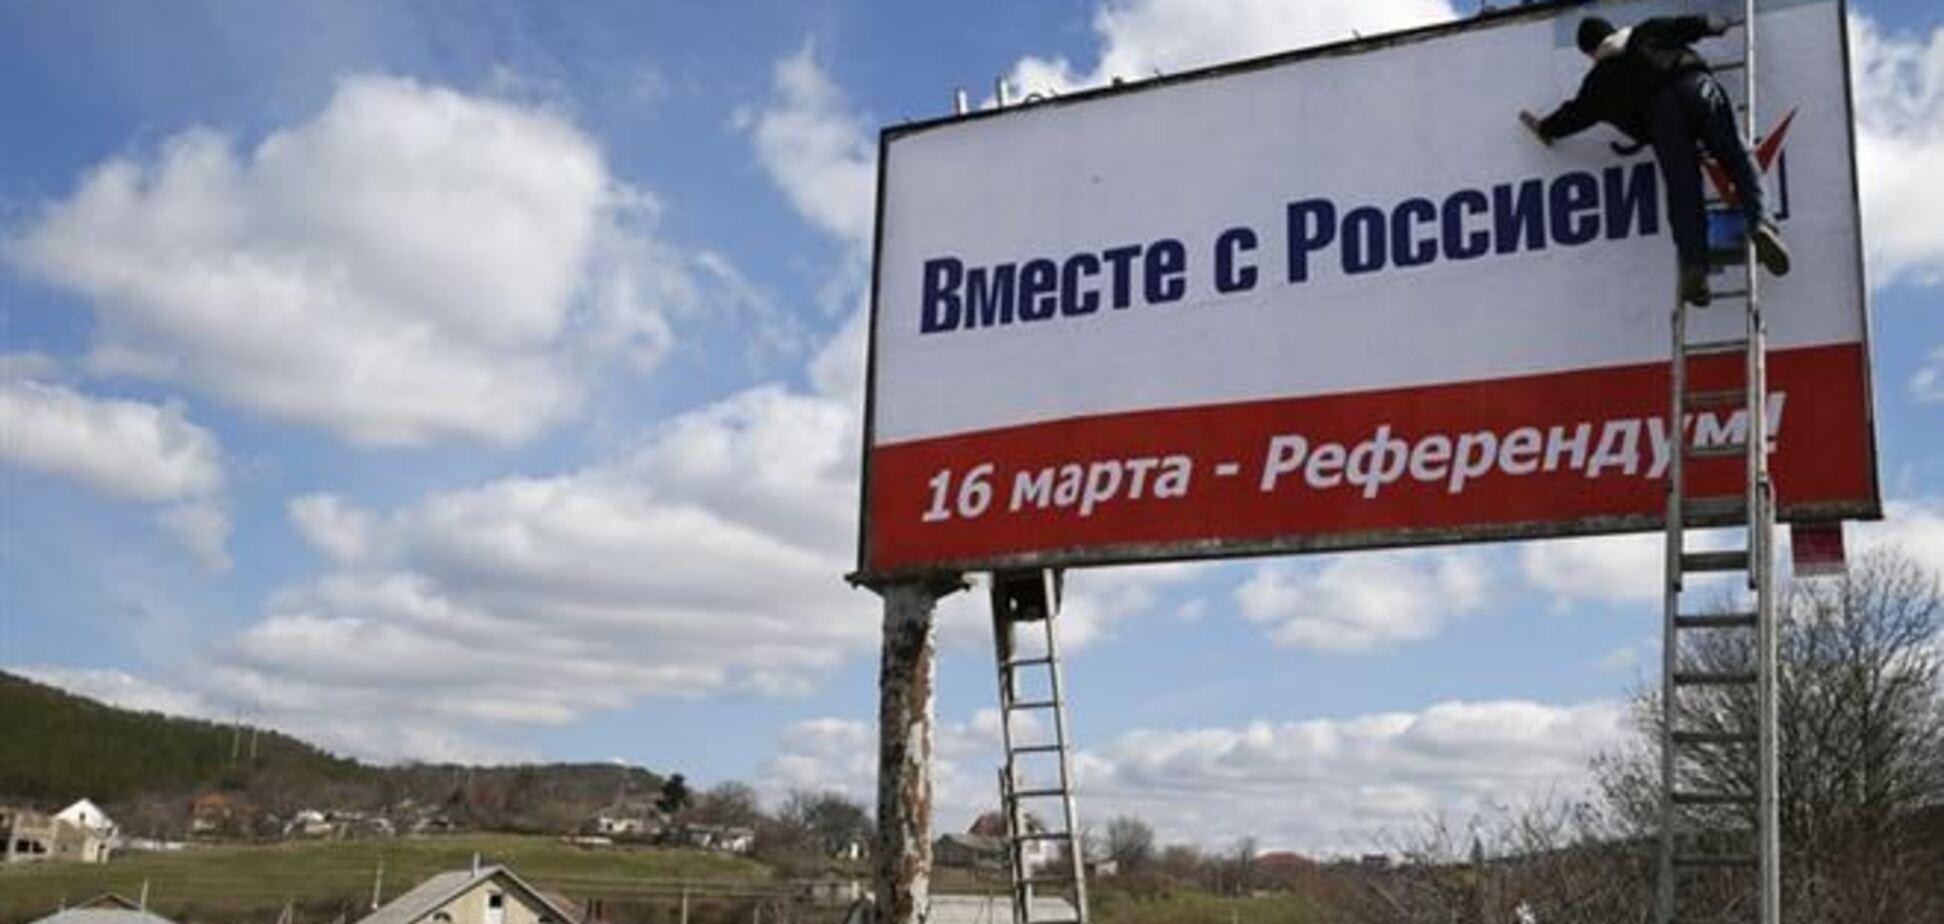 Количество деятелей культуры РФ, поддержавших Путина, перевалило за 500